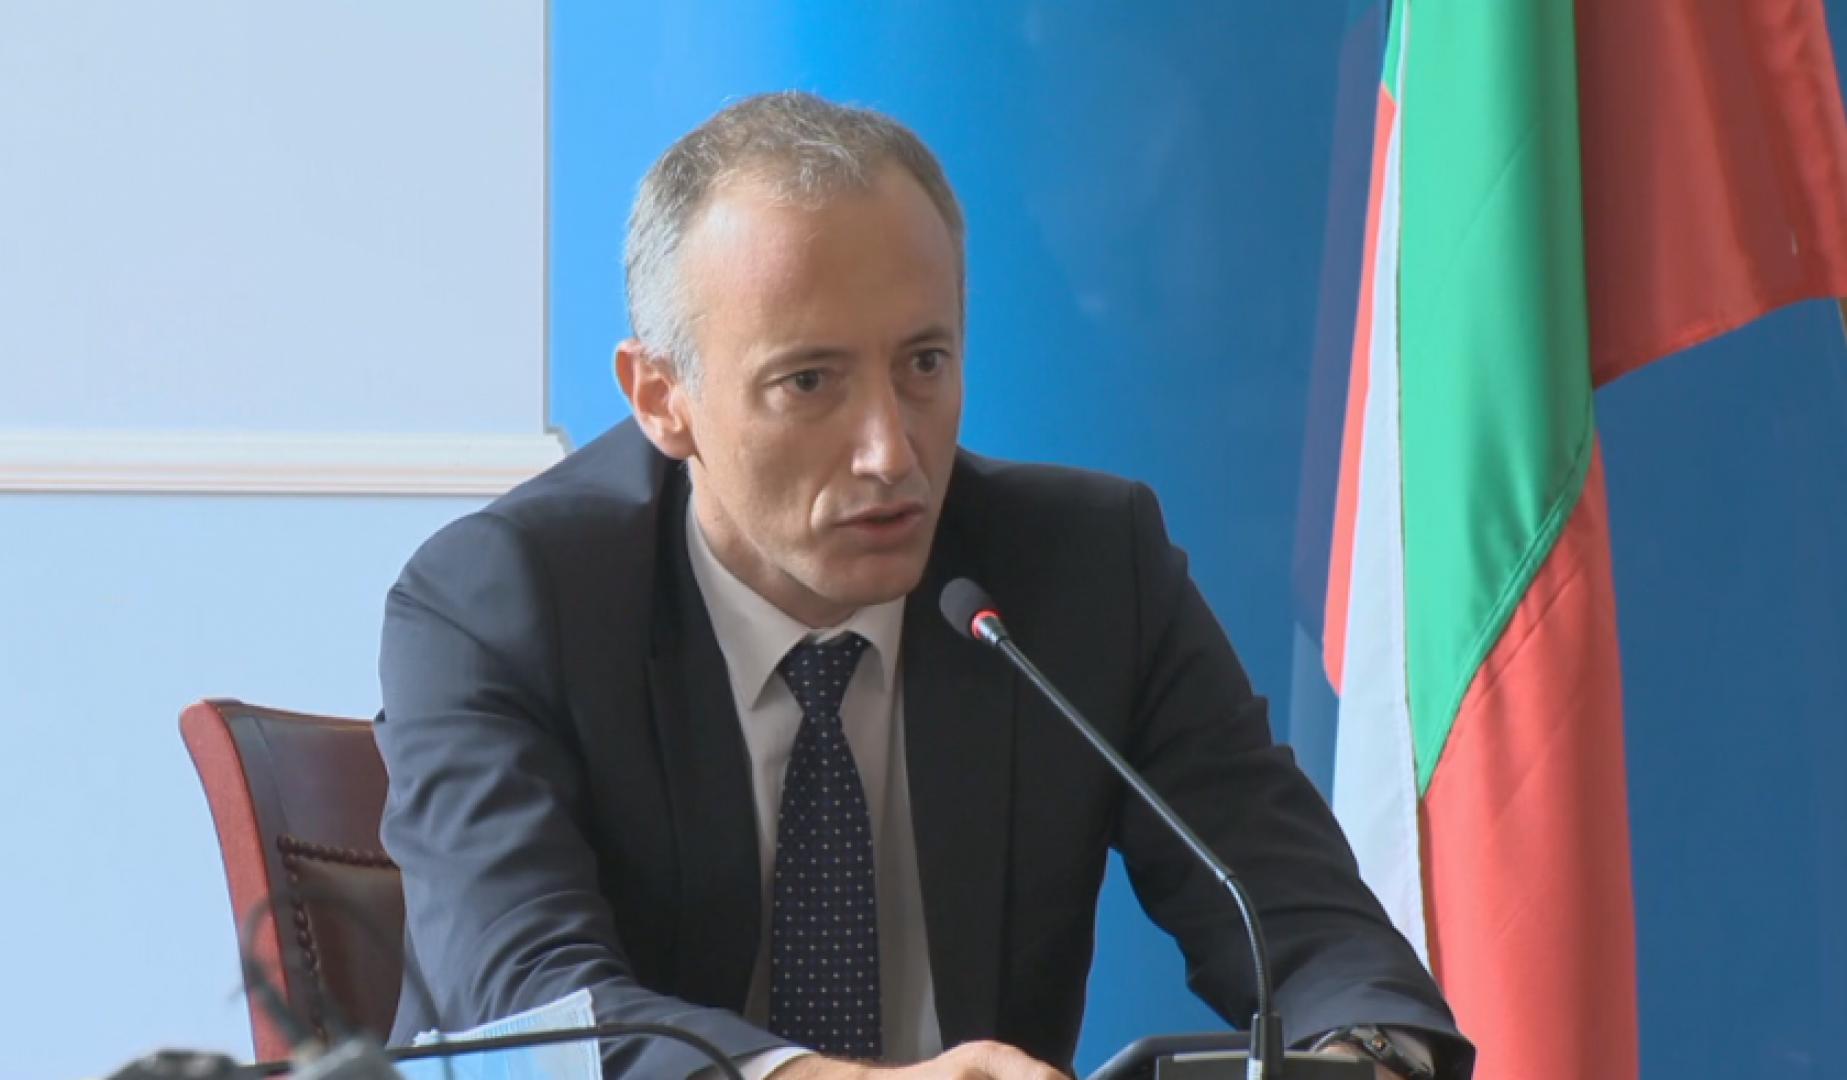 Според министър Вълчев има всички шансове учебната година да се проведе присъствено. Снимка БНТ